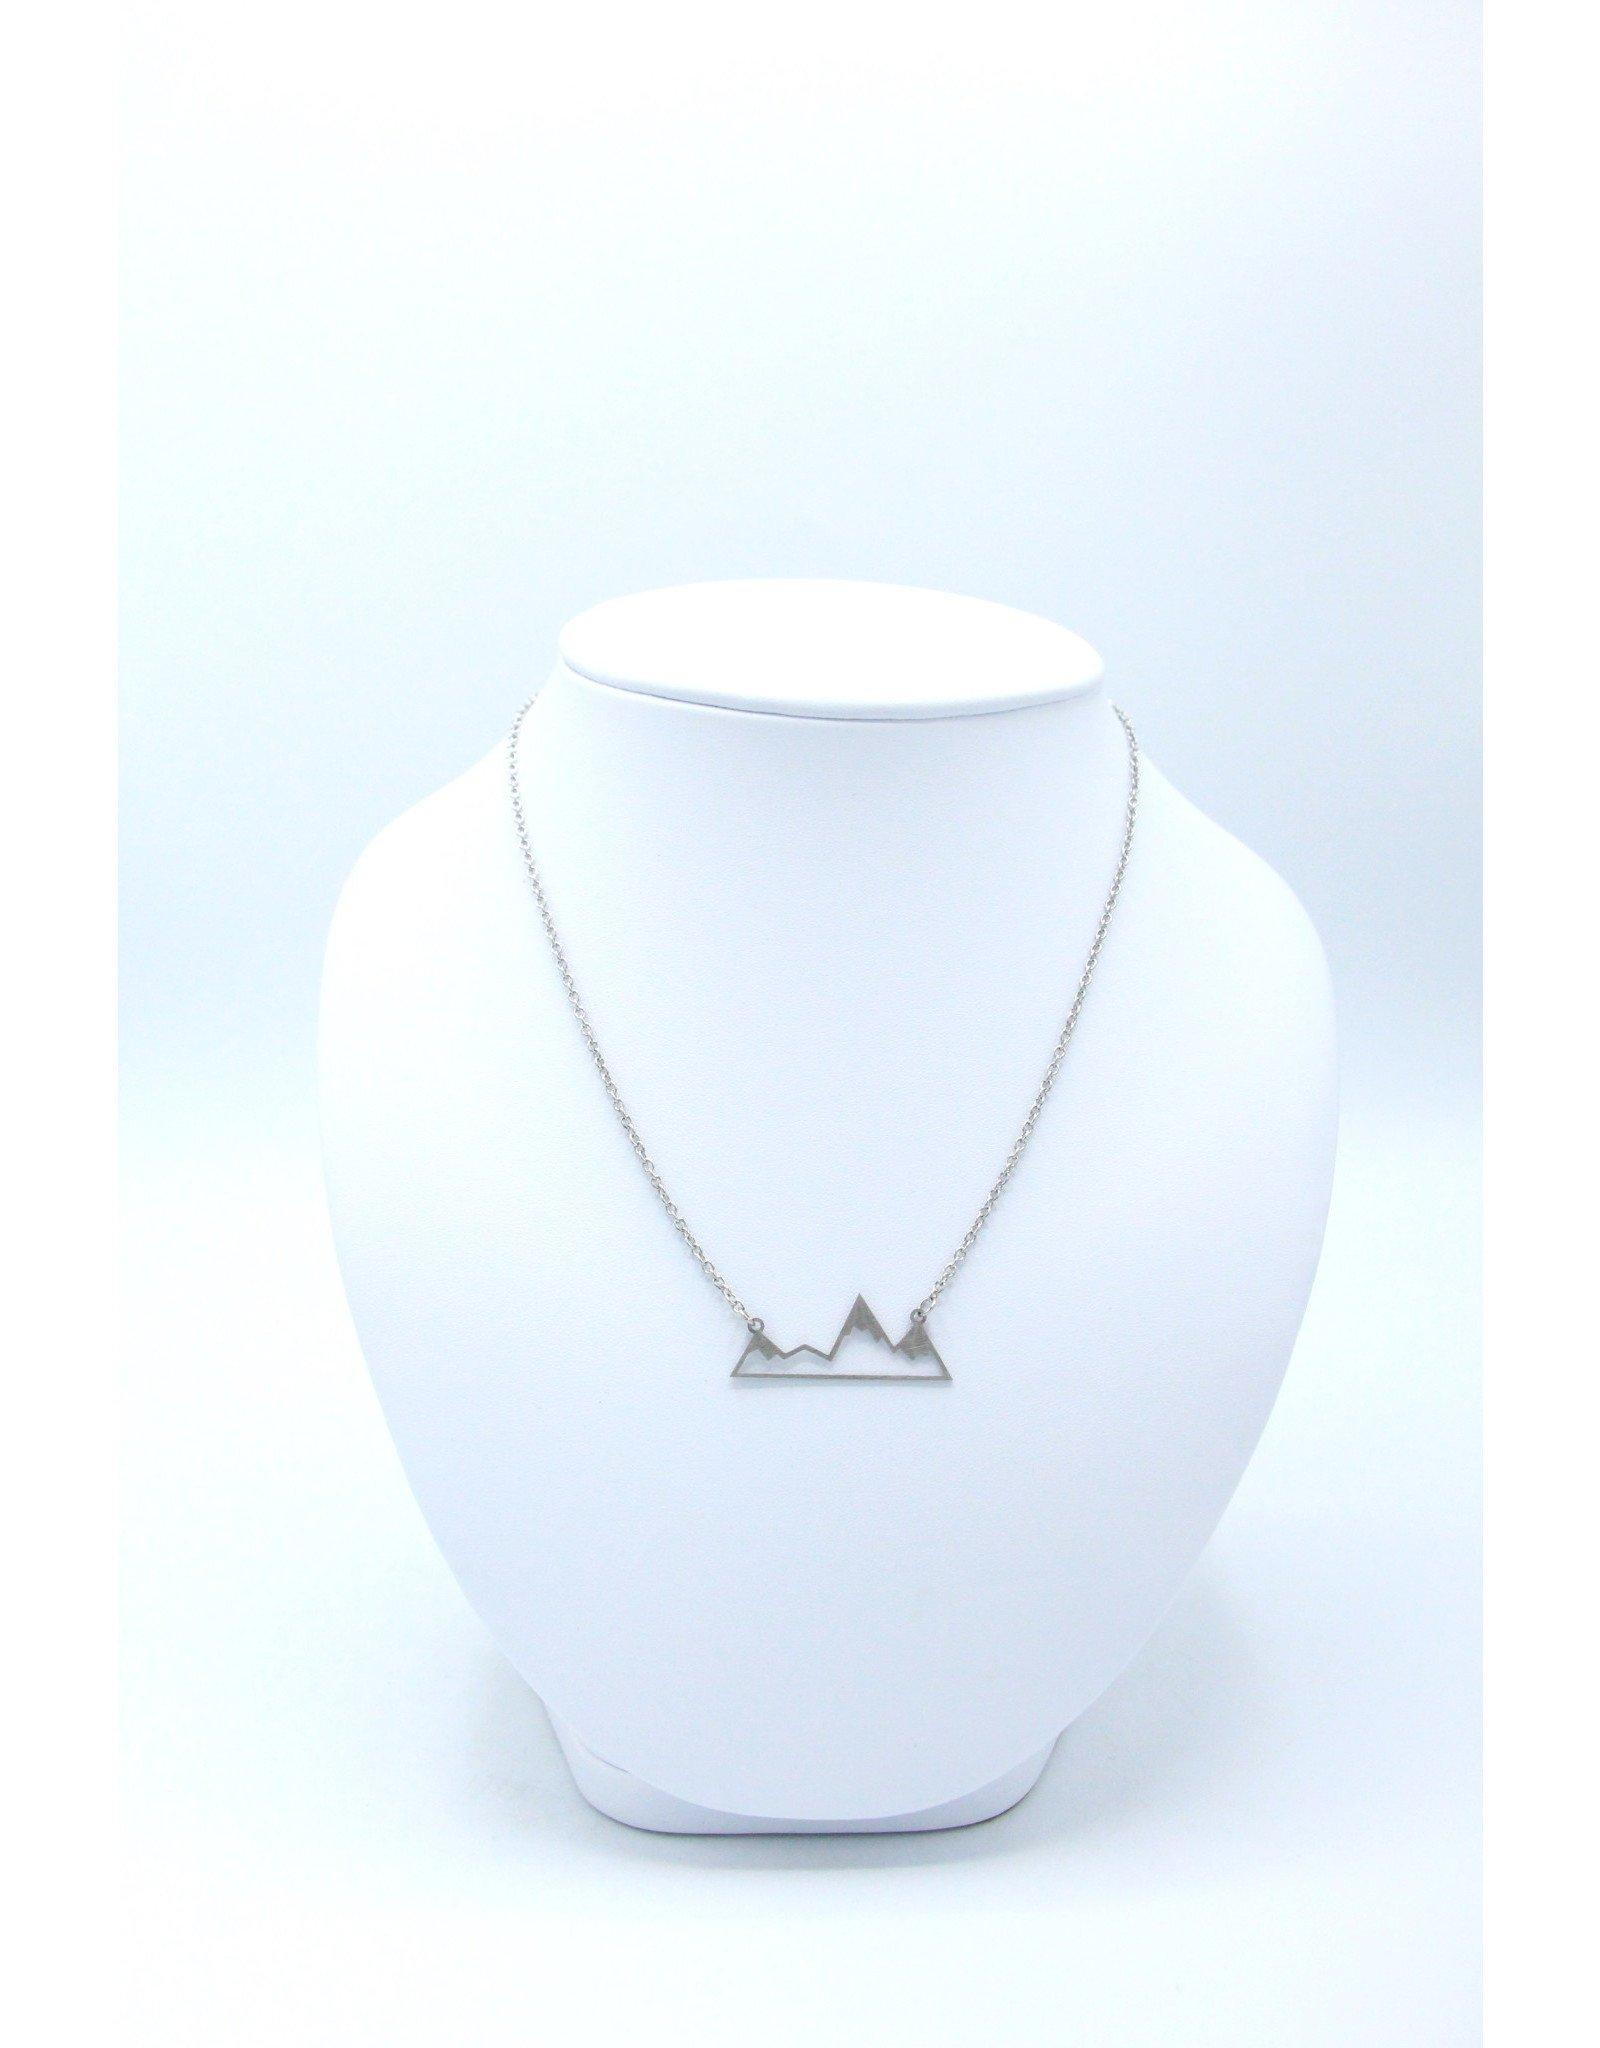 Mountain Necklace Silver